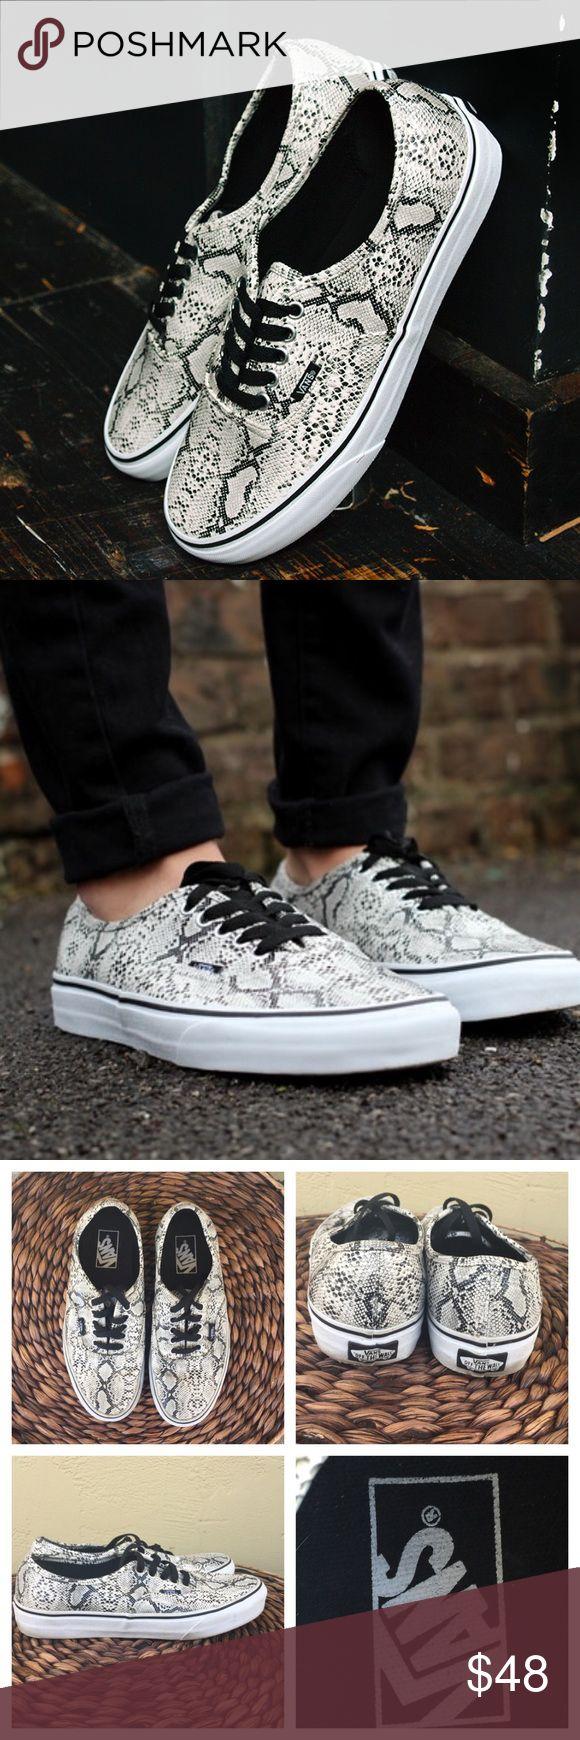 VANS SNAKESKIN Snake Print Vans. Great Condition! Vans Shoes Sneakers